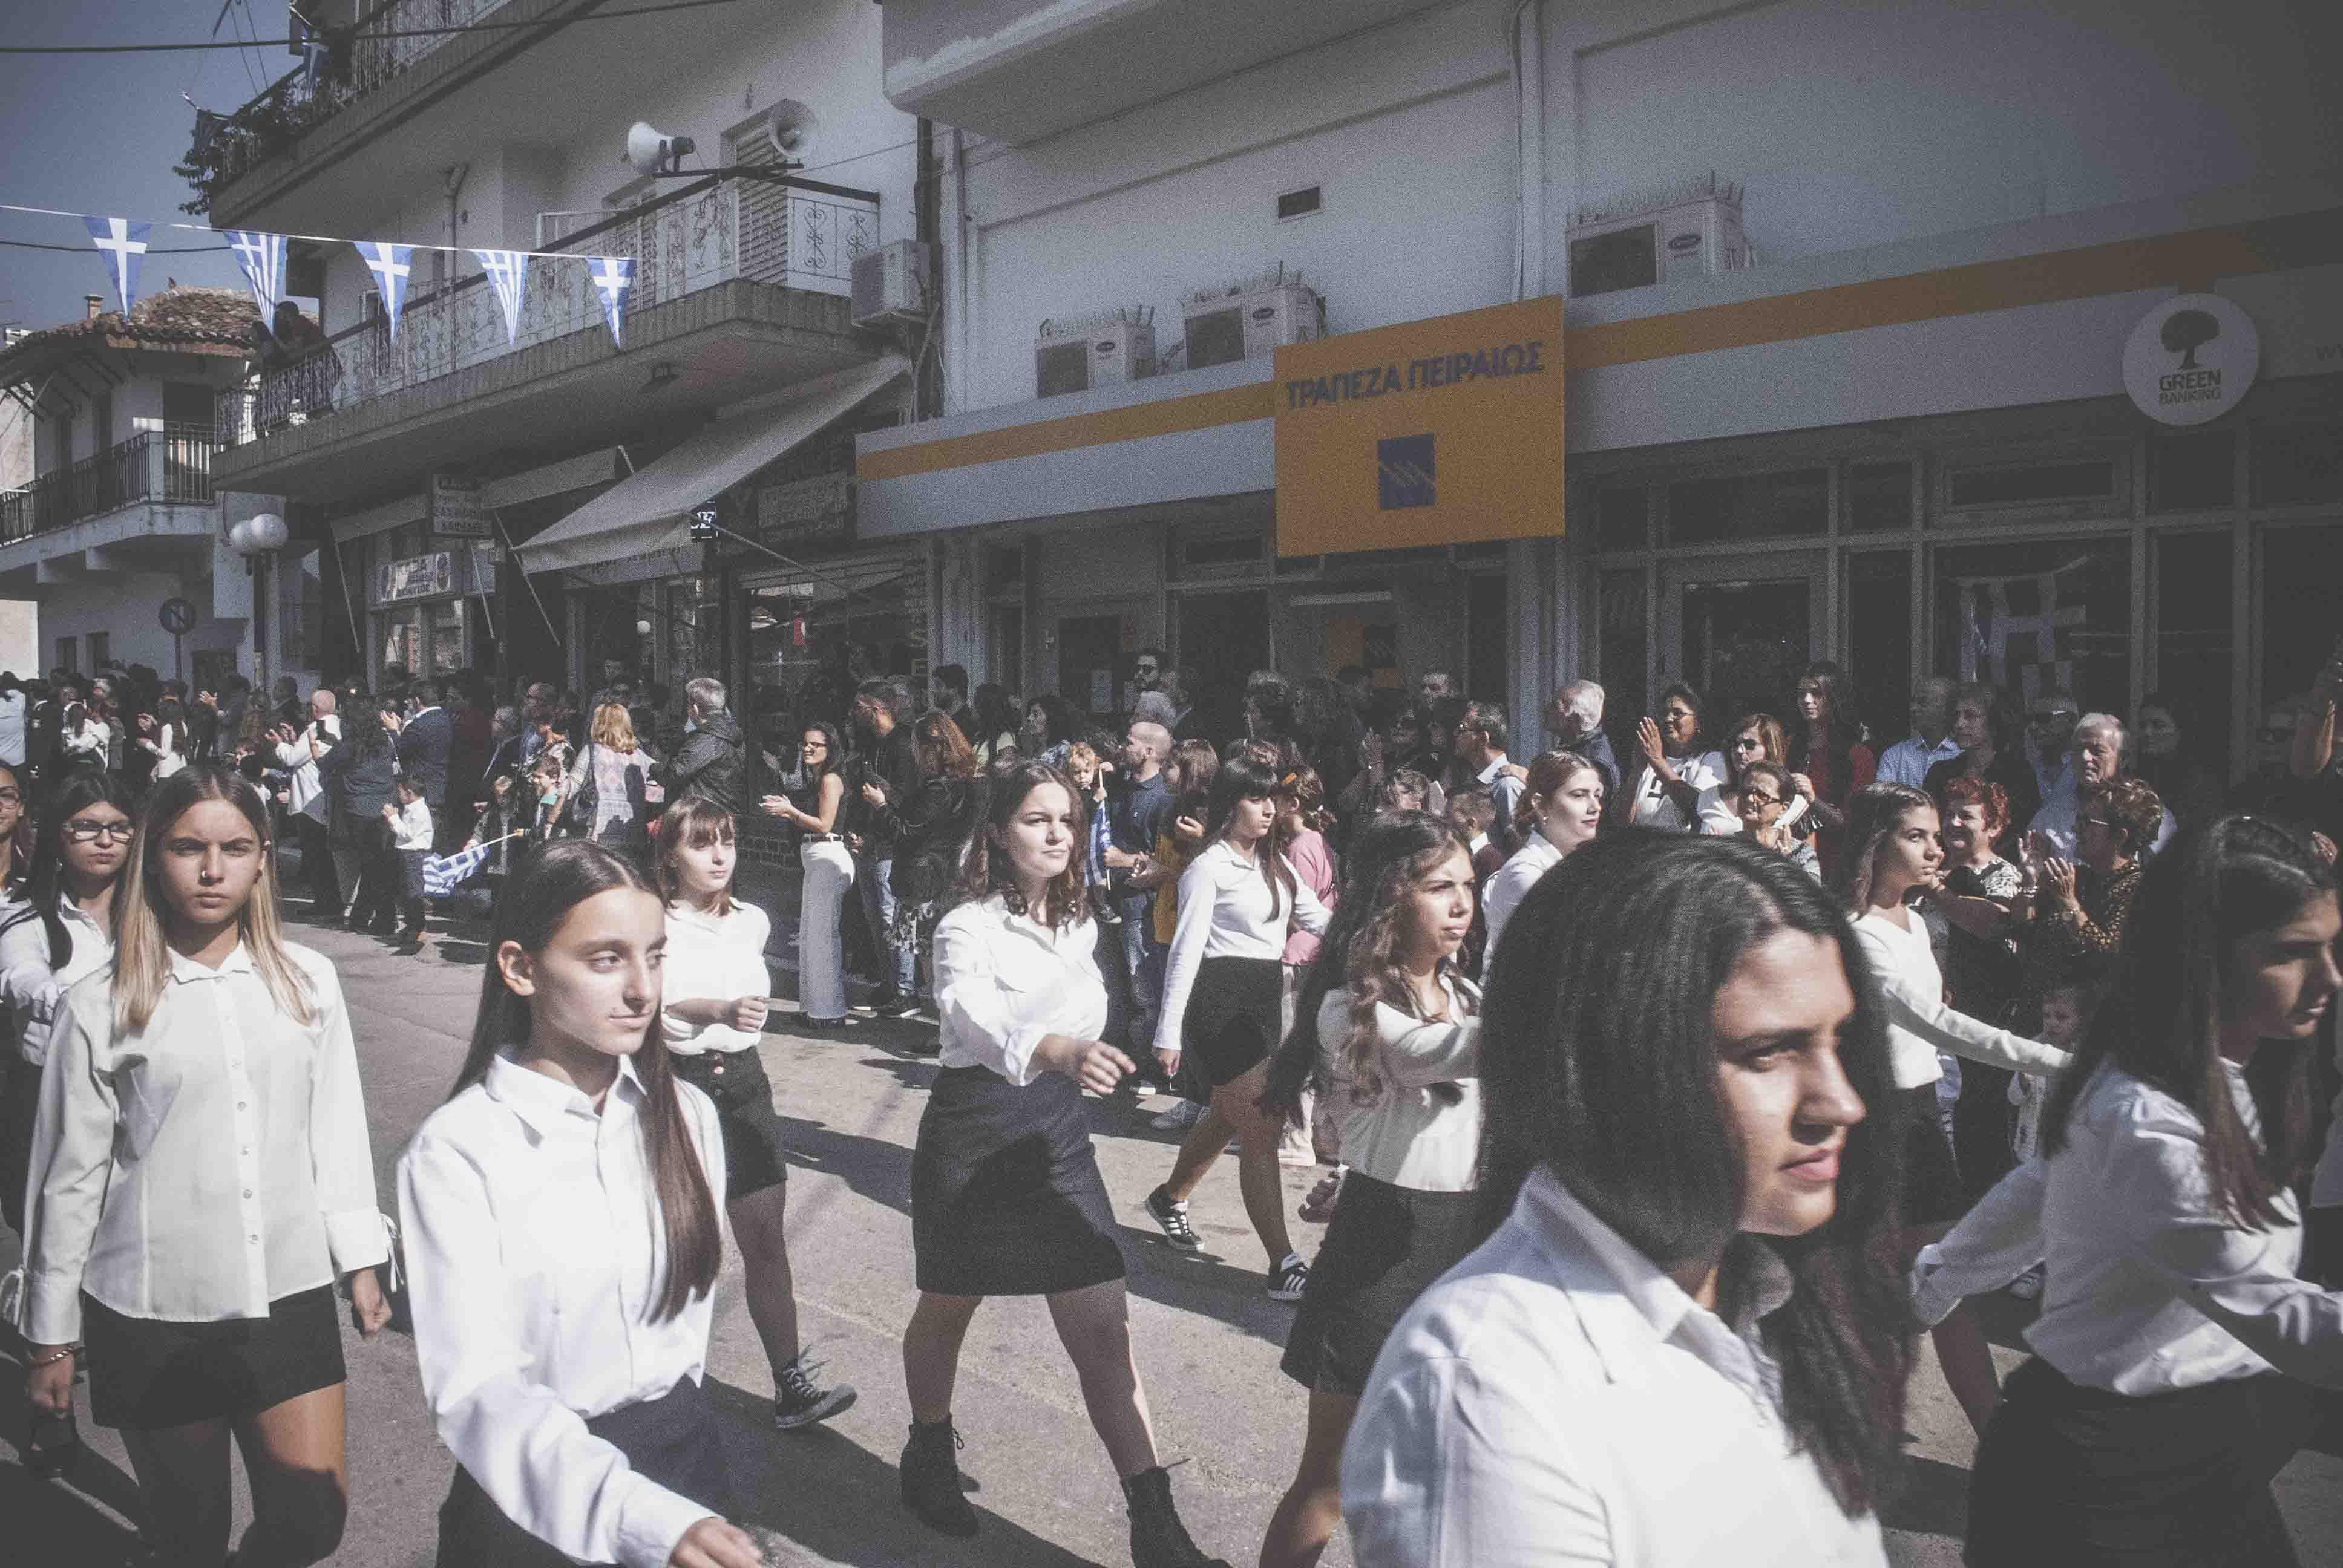 Φωτογραφικό υλικό από την παρέλαση στα Ψαχνά Φωτογραφικό υλικό από την παρέλαση στα Ψαχνά DSC 0417